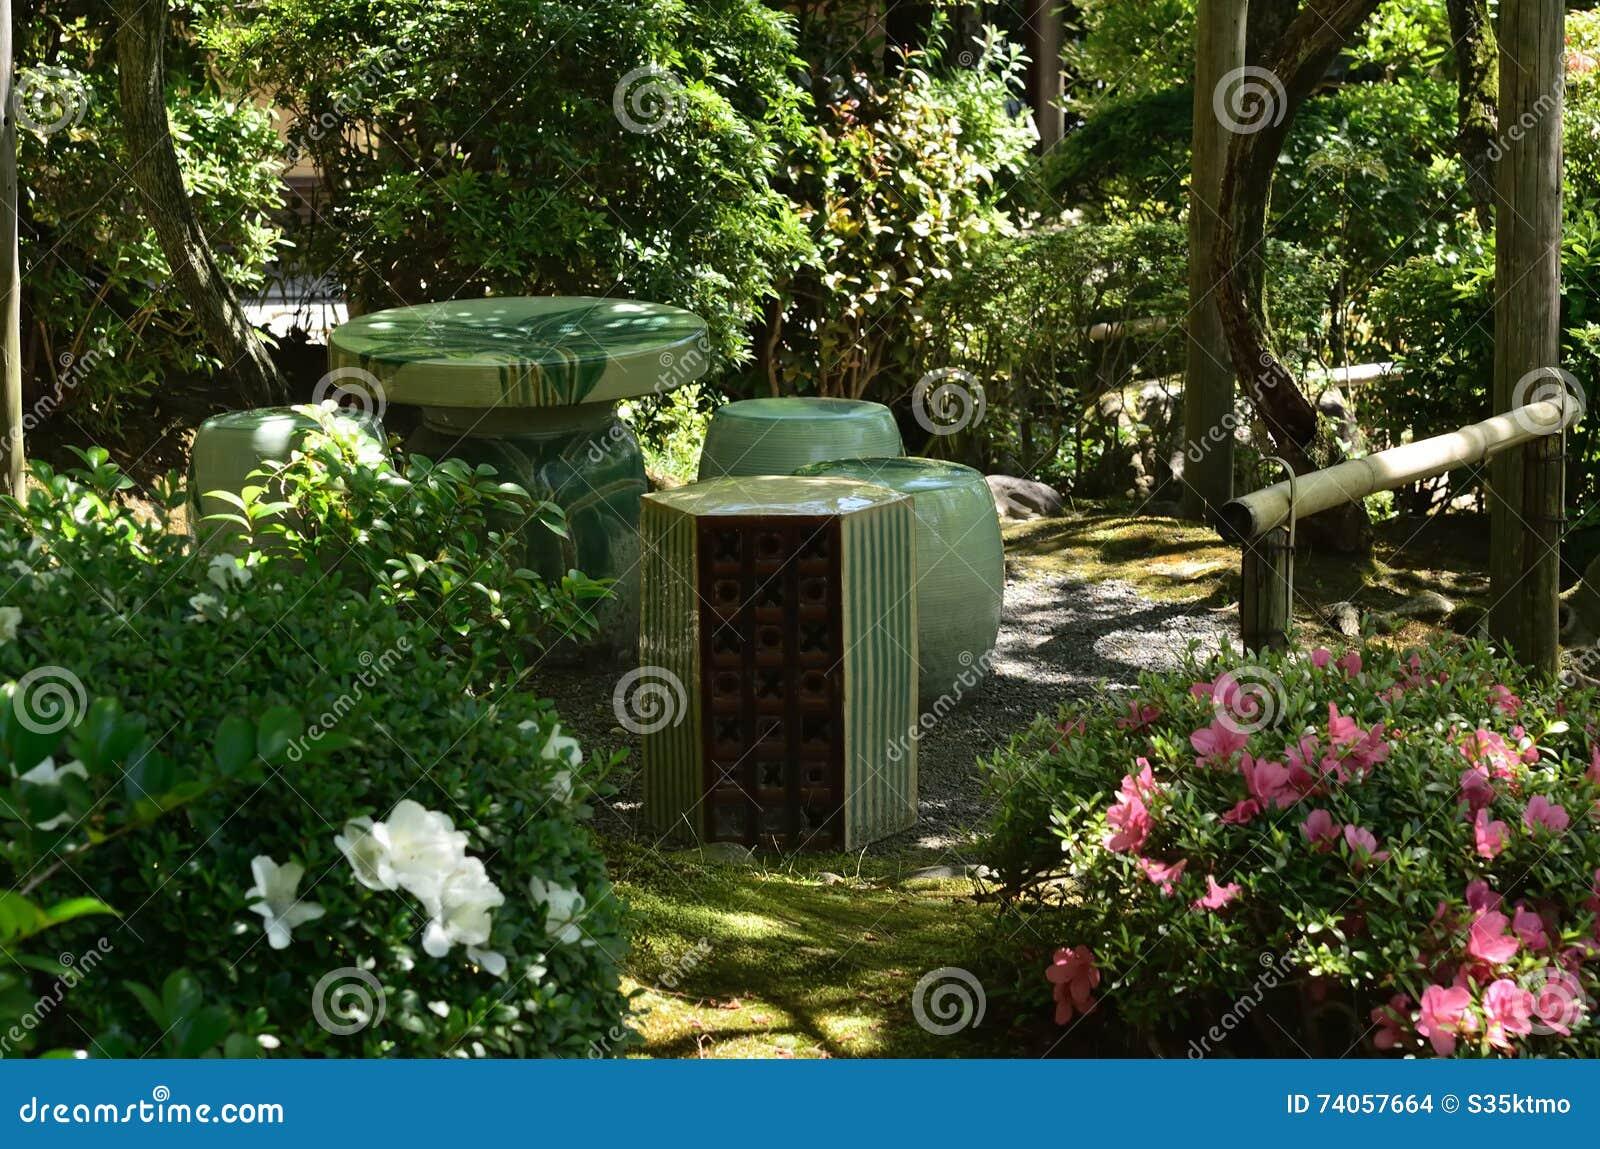 repos faisant le coin du jardin japonais kyoto japon photo stock image du moussu porcelaine. Black Bedroom Furniture Sets. Home Design Ideas